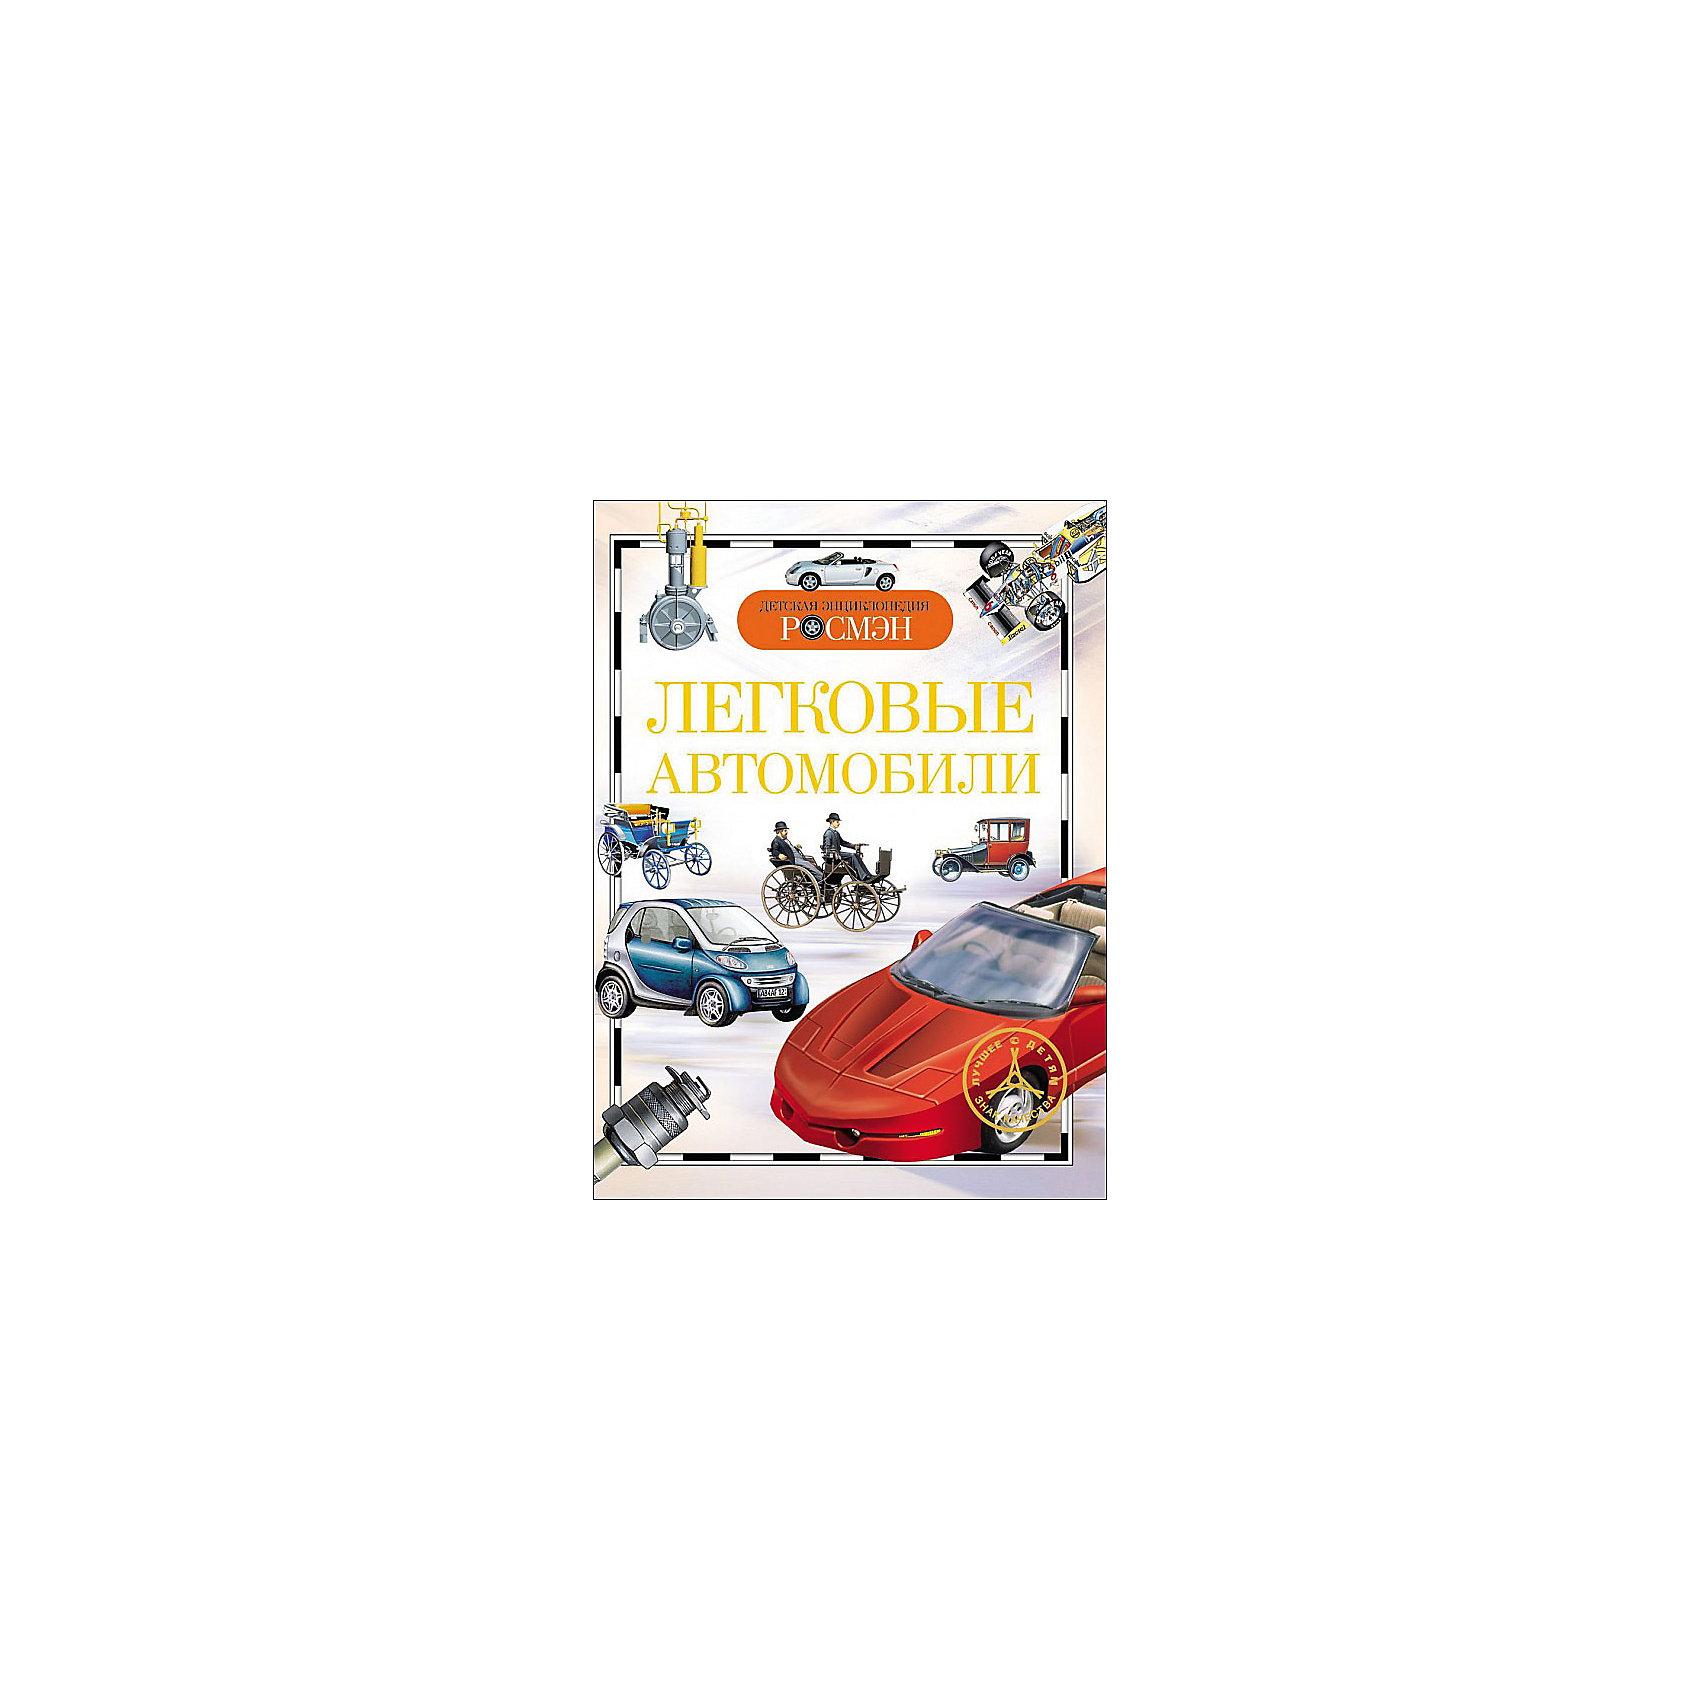 Легковые автомобилиЭнциклопедии техники<br>Характеристики товара:<br><br>- цвет: разноцветный;<br>- материал: бумага;<br>- страниц: 96;<br>- формат: 17 x 21 см;<br>- обложка: твердая;<br>- цветные иллюстрации.<br><br>Эта интересная книга с иллюстрациями станет отличным подарком для ребенка. Она содержит в себе ответы на вопросы, которые интересуют малышей. Всё представлено в очень простой форме! Талантливый иллюстратор дополнил книгу качественными рисунками, которые помогают ребенку понять суть многих вещей в нашем мире. Удивительные и интересные факты помогут привить любовь к учебе!<br>Чтение - отличный способ активизации мышления, оно помогает ребенку развивать зрительную память, концентрацию внимания и воображение. Издание произведено из качественных материалов, которые безопасны даже для самых маленьких.<br><br>Книгу Легковые автомобили от компании Росмэн можно купить в нашем интернет-магазине.<br><br>Ширина мм: 220<br>Глубина мм: 170<br>Высота мм: 10<br>Вес г: 210<br>Возраст от месяцев: 84<br>Возраст до месяцев: 108<br>Пол: Унисекс<br>Возраст: Детский<br>SKU: 5109978